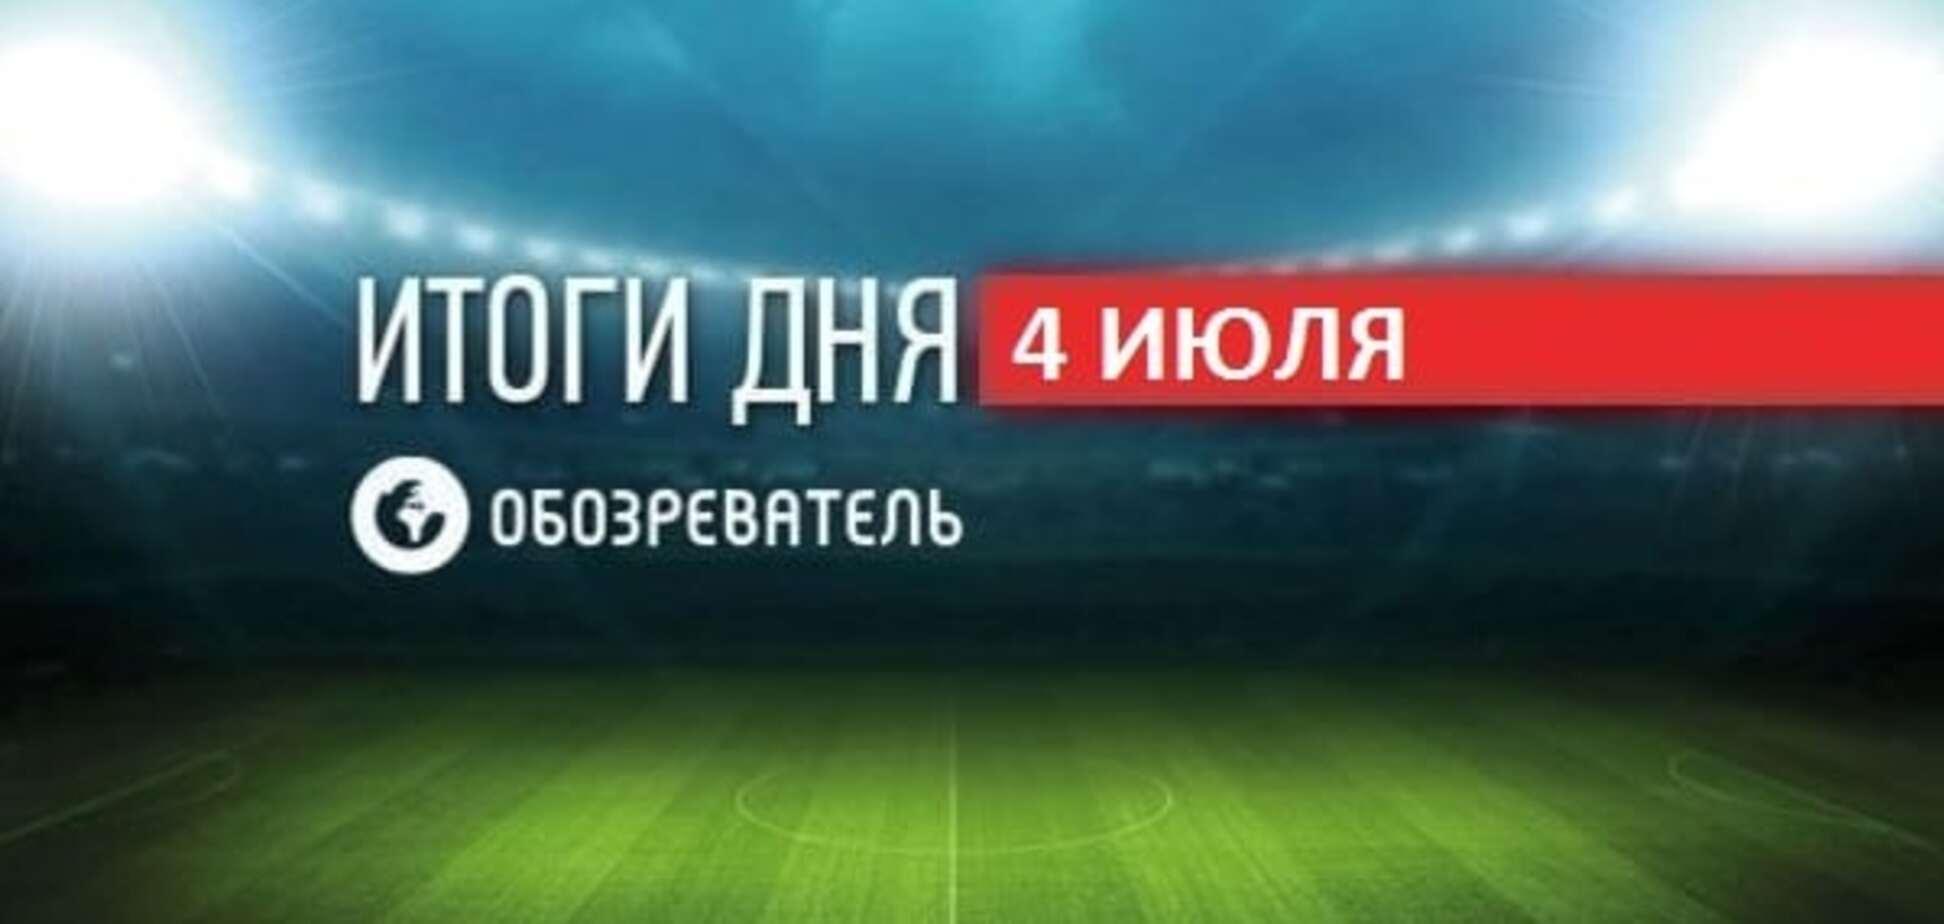 Новые подробности скандала в сборной Украины. Спортивные итоги 4 июля